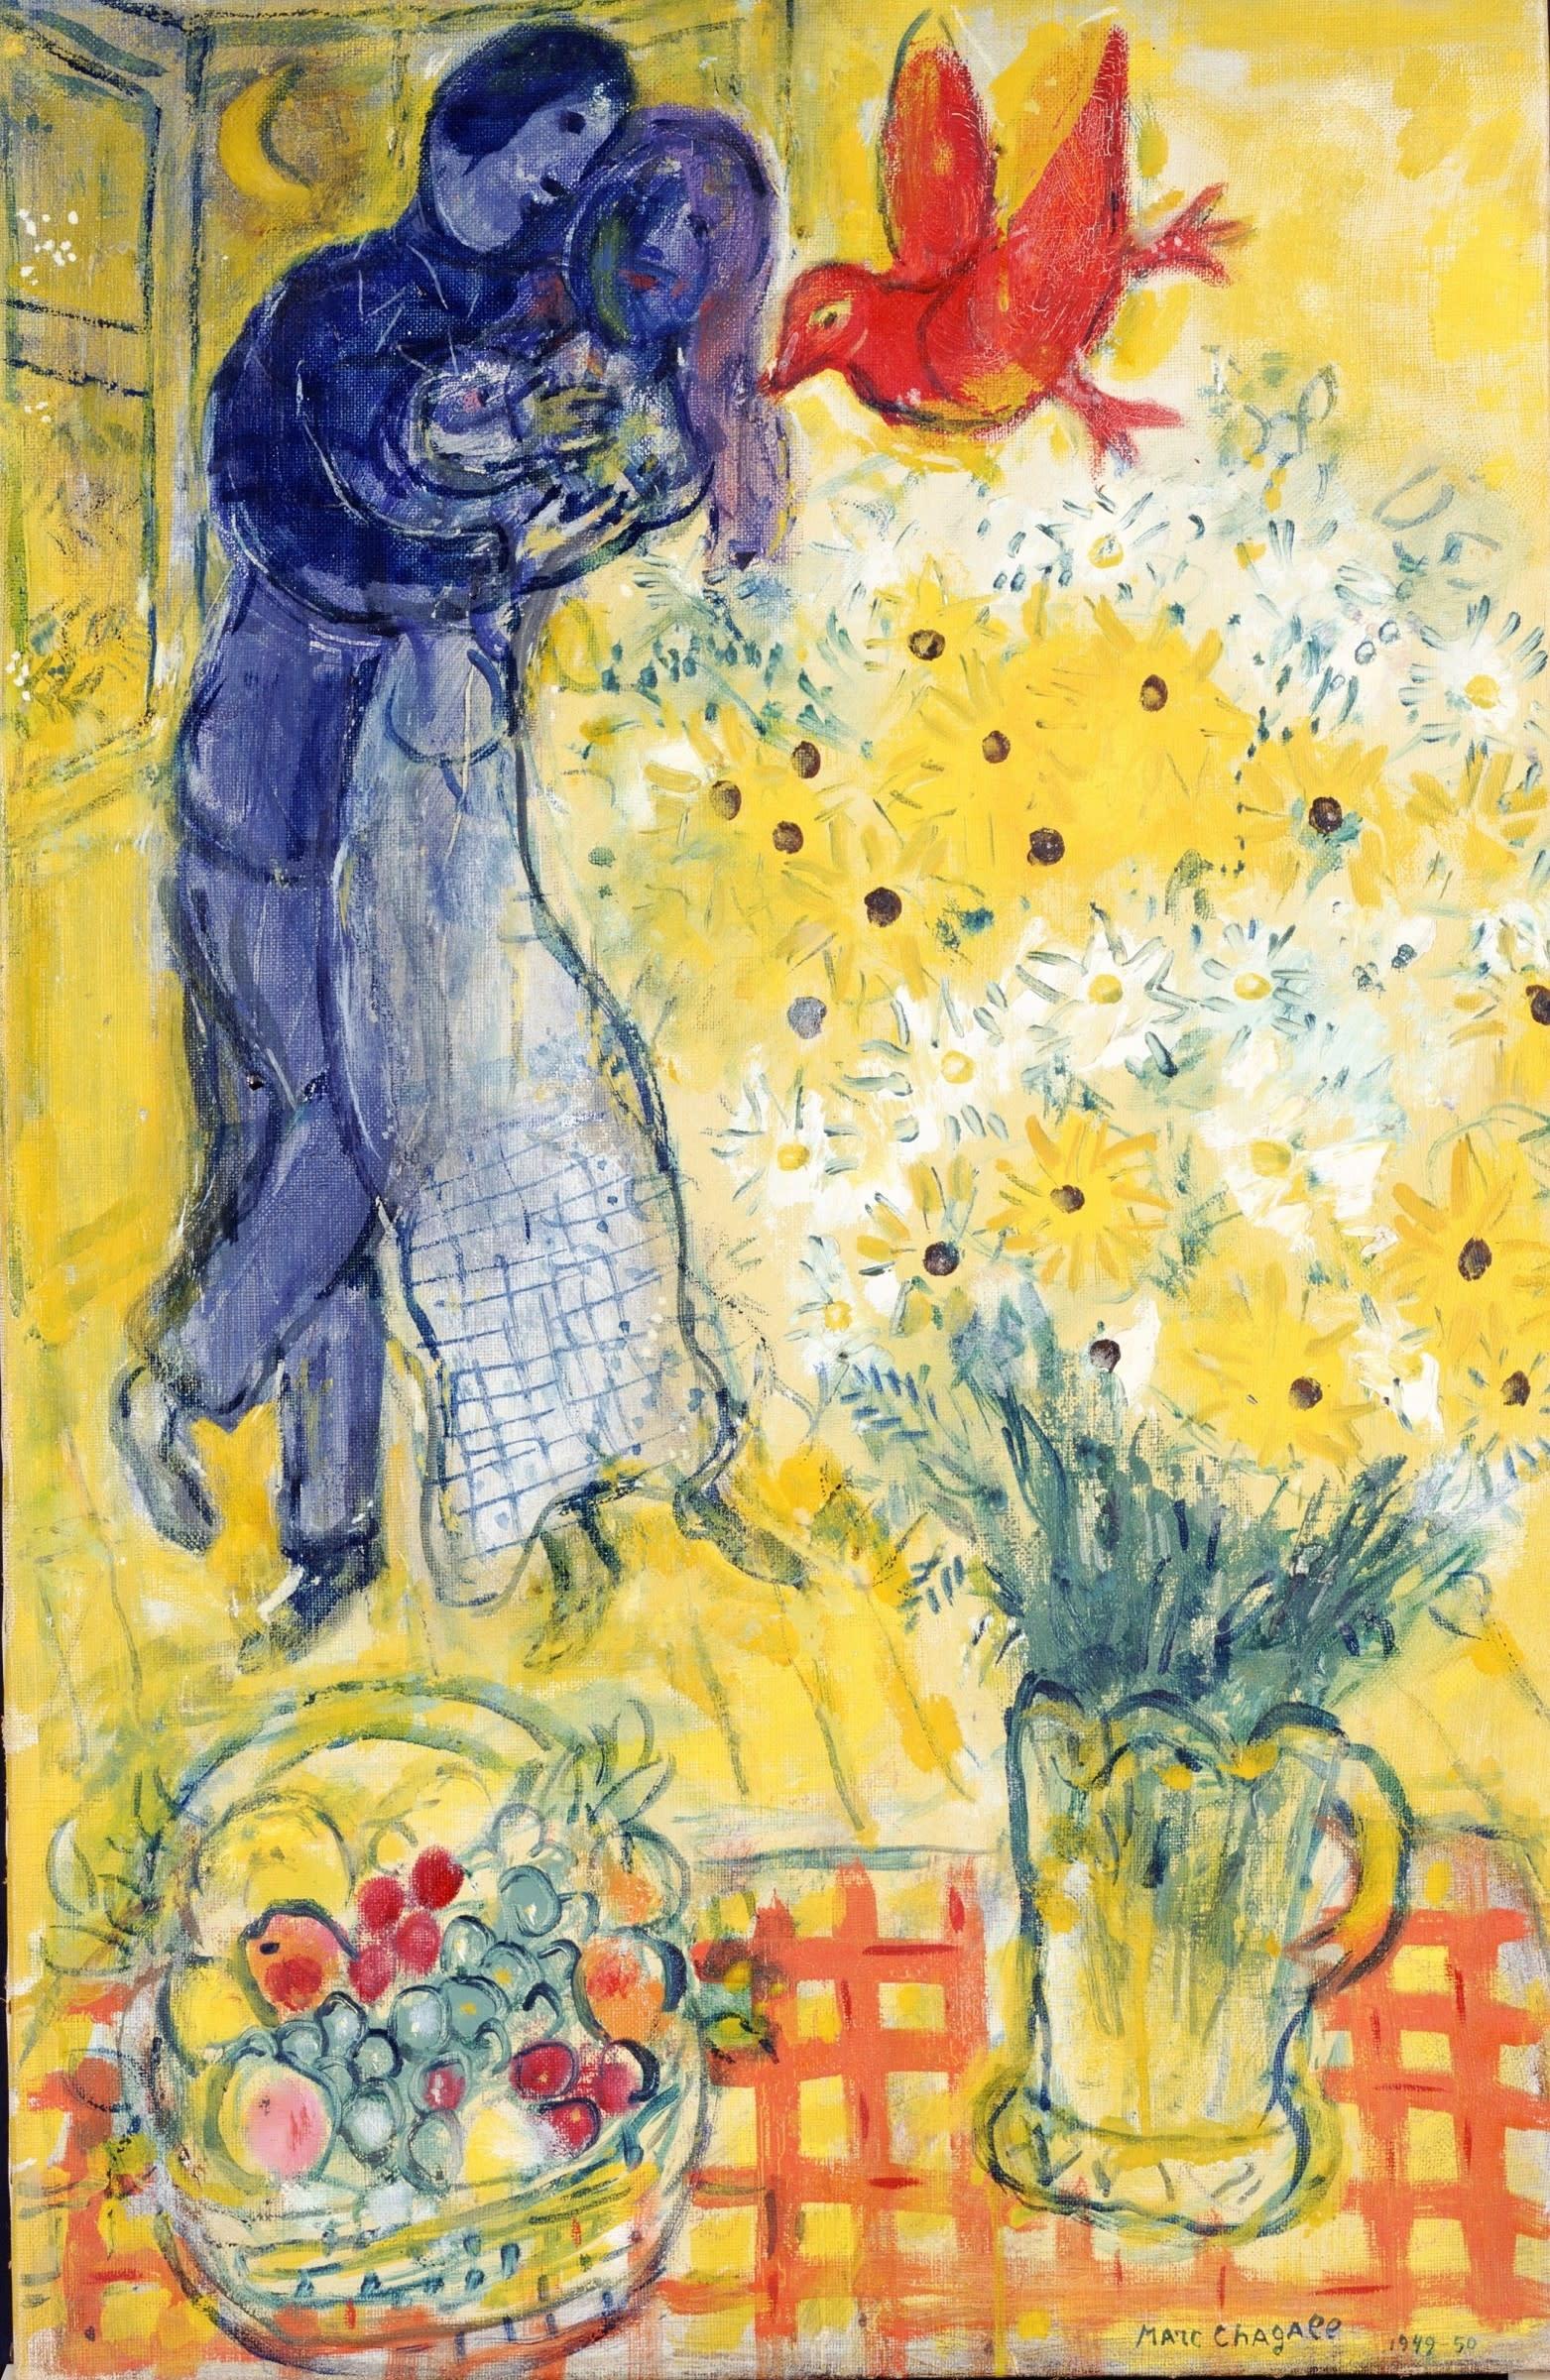 マルク・シャガールの展覧会開催、「恋人たちとマーガレットの花」など展示